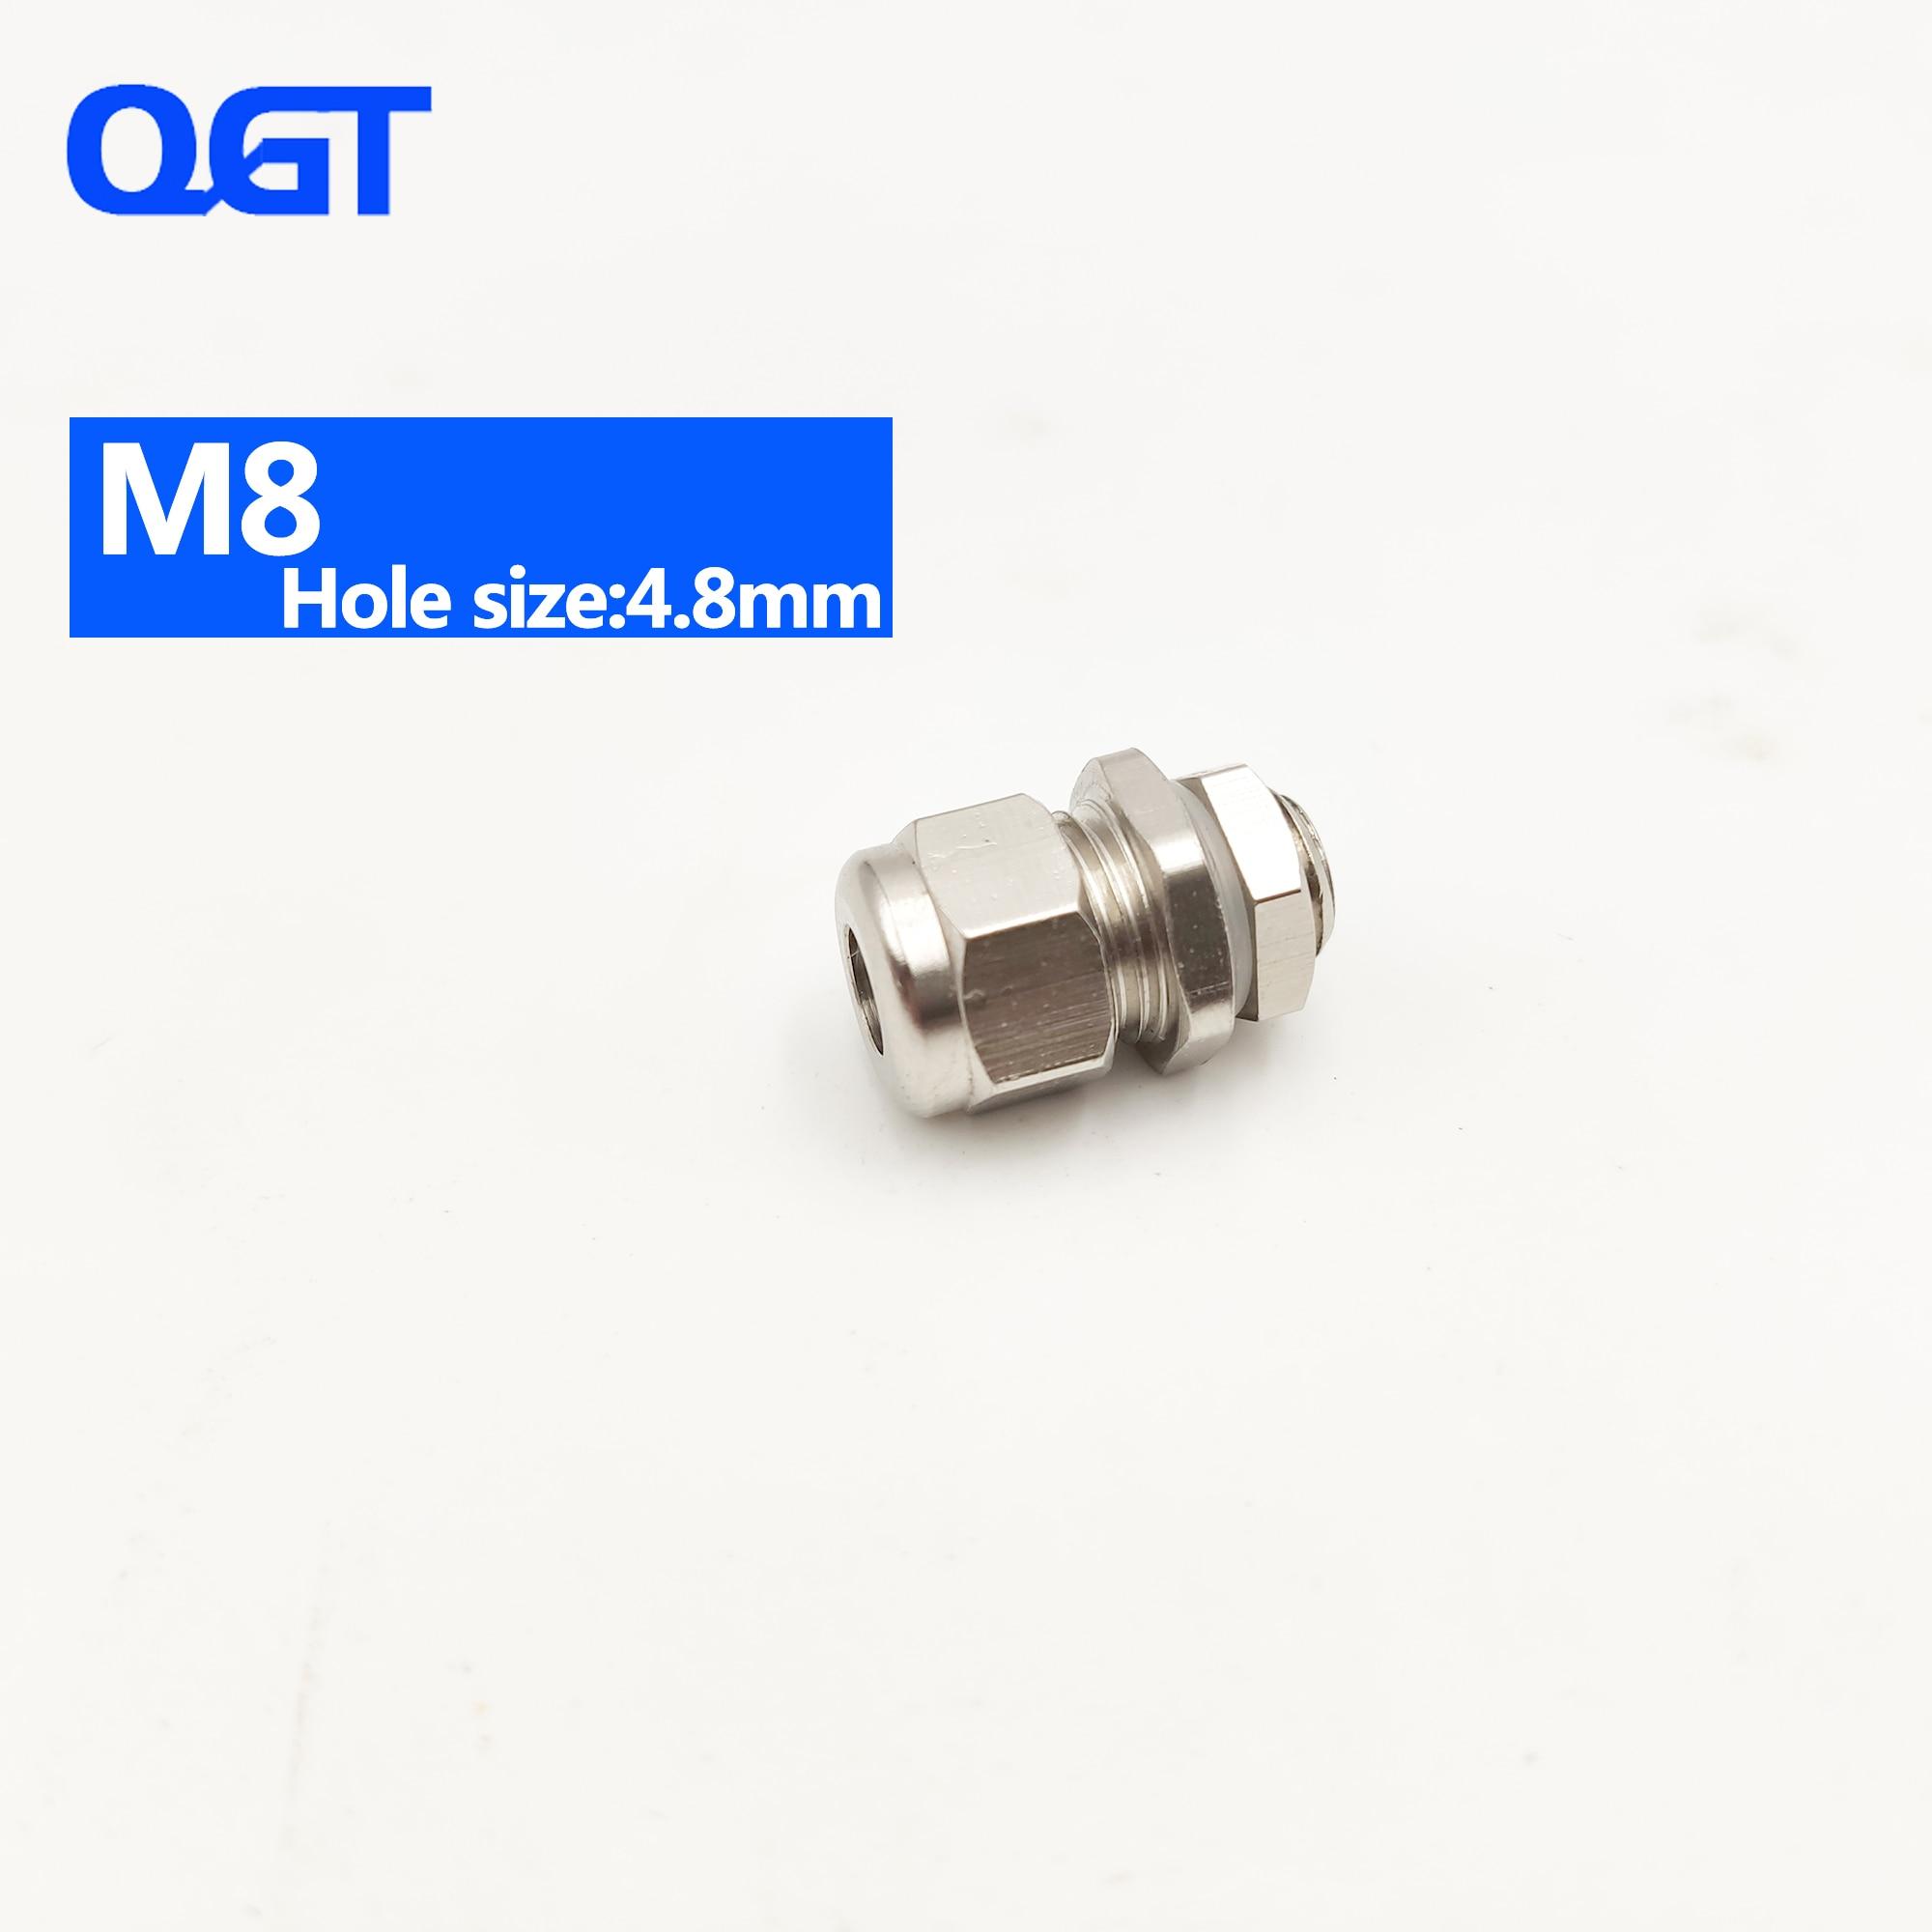 US $0.3 |Высококачественное водонепроницаемое металлическое уплотнение кабеля IP68 M8 латунный кабельный ввод|Уплотнения кабелей| |  - AliExpress